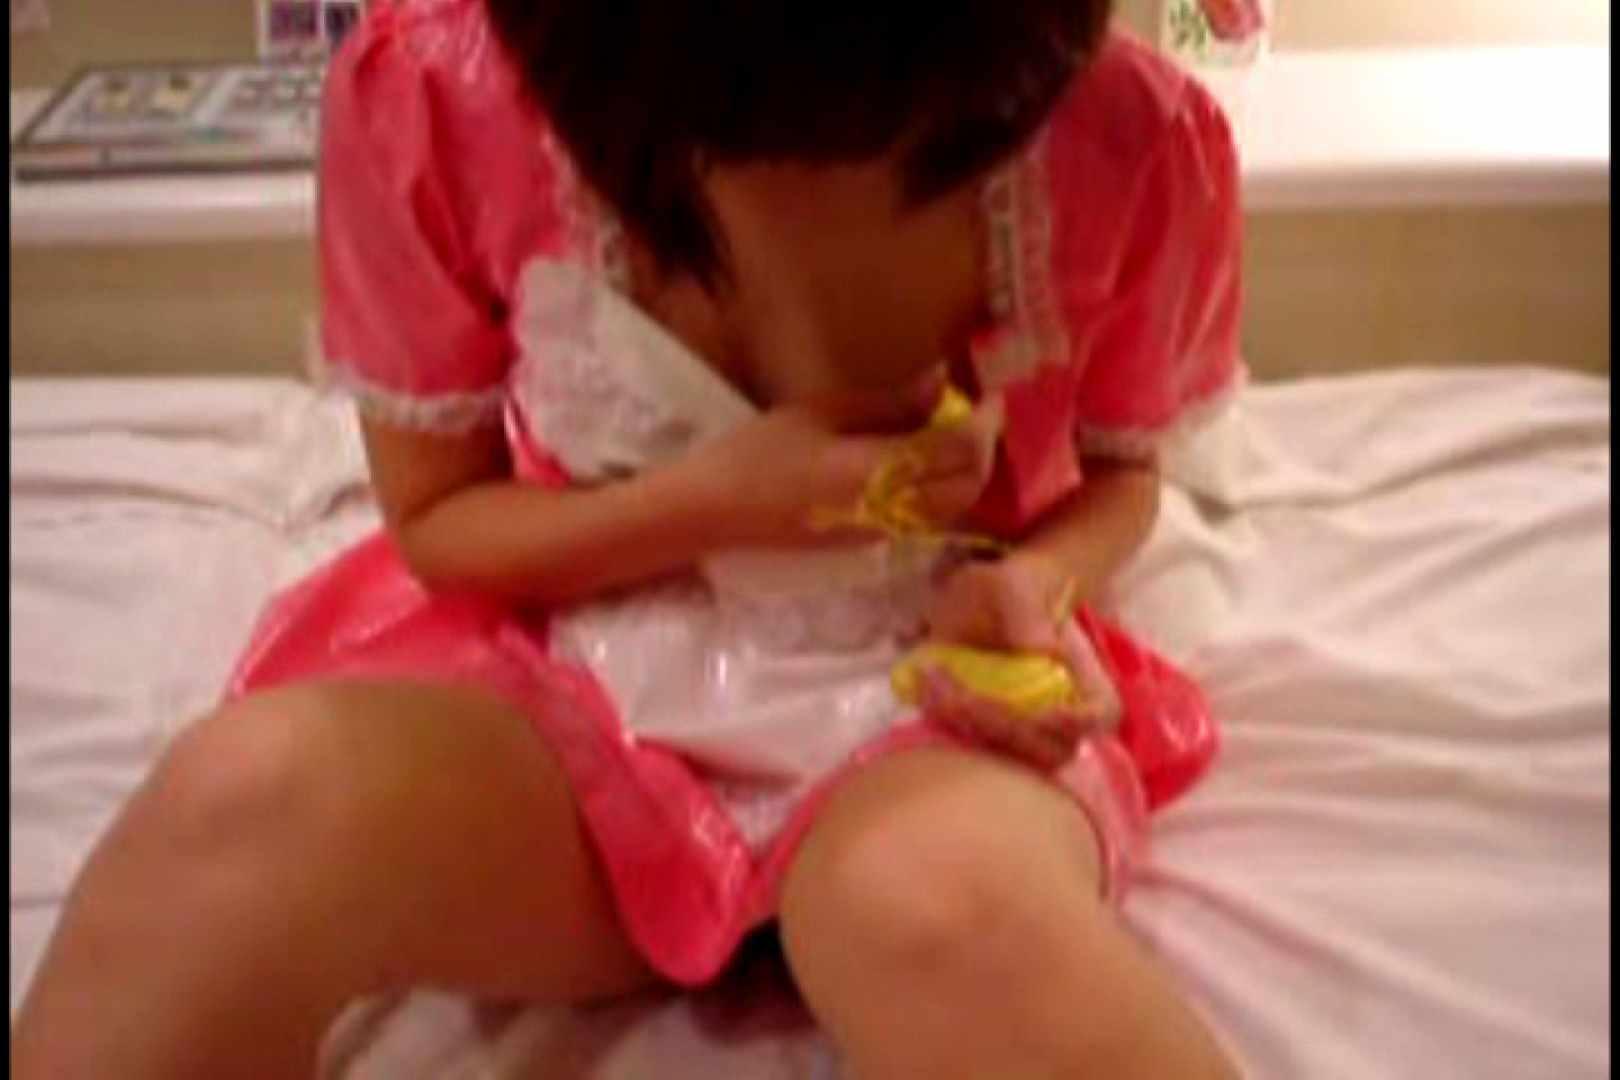 ウイルス流出 九州工学部女子大生藤野瑠美 女子大生のエッチ | 流出作品  91pic 19